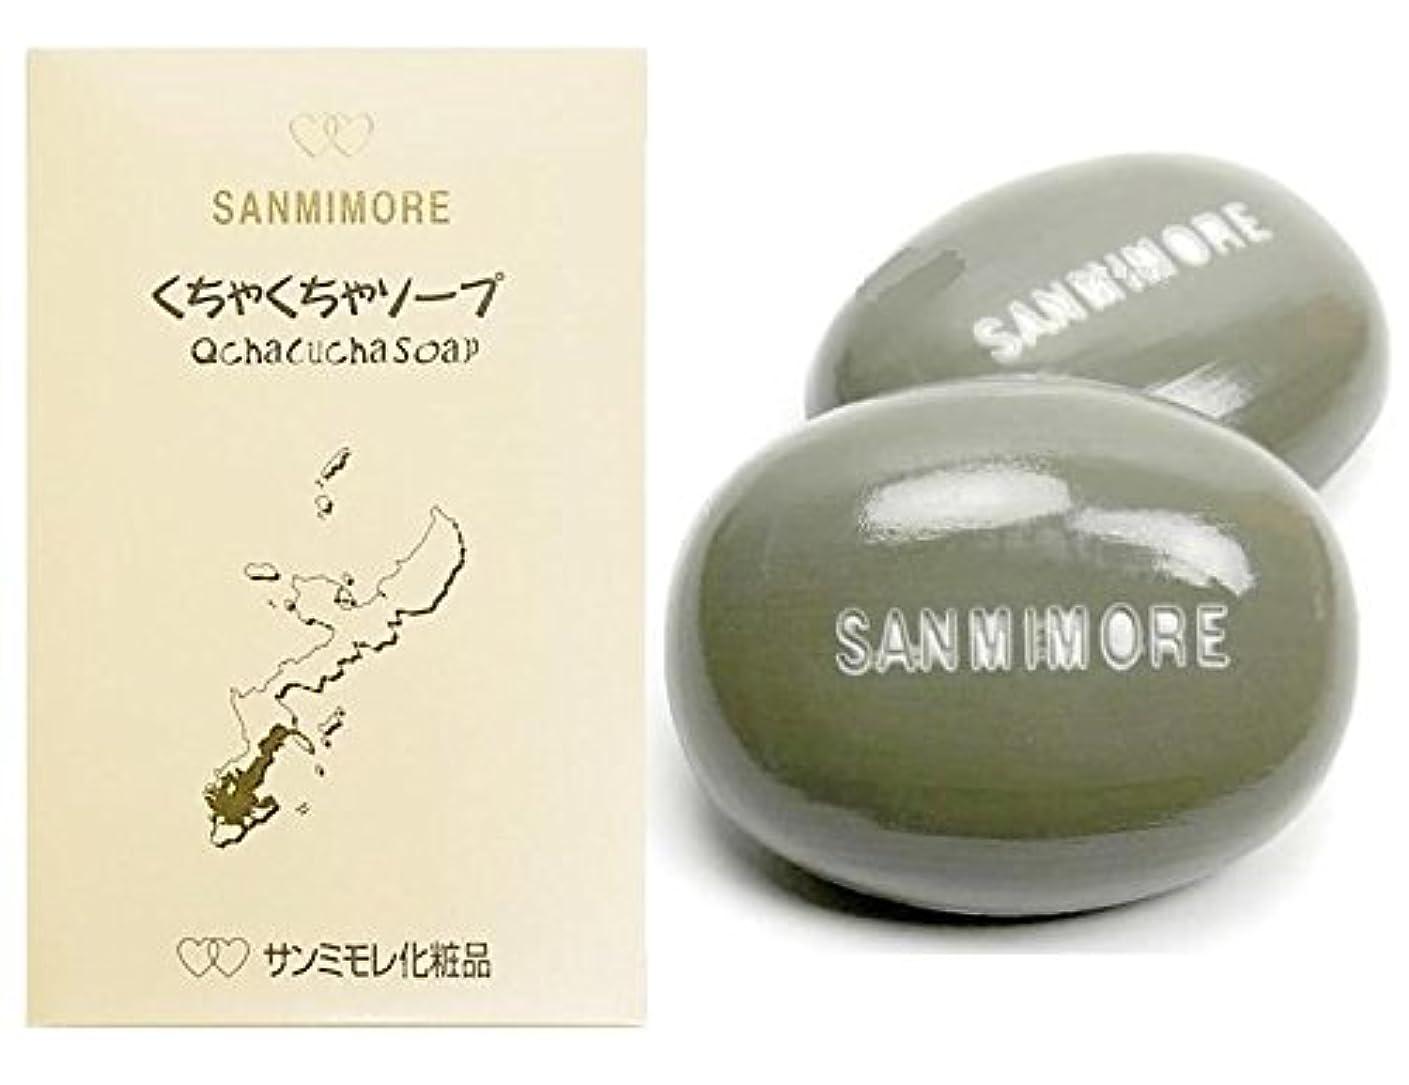 ヒギンズウッズブルジョンSANMIMORE(サンミモレ化粧品) くちゃくちゃソープ75g×2個 サンミモレ ベール専用石鹸